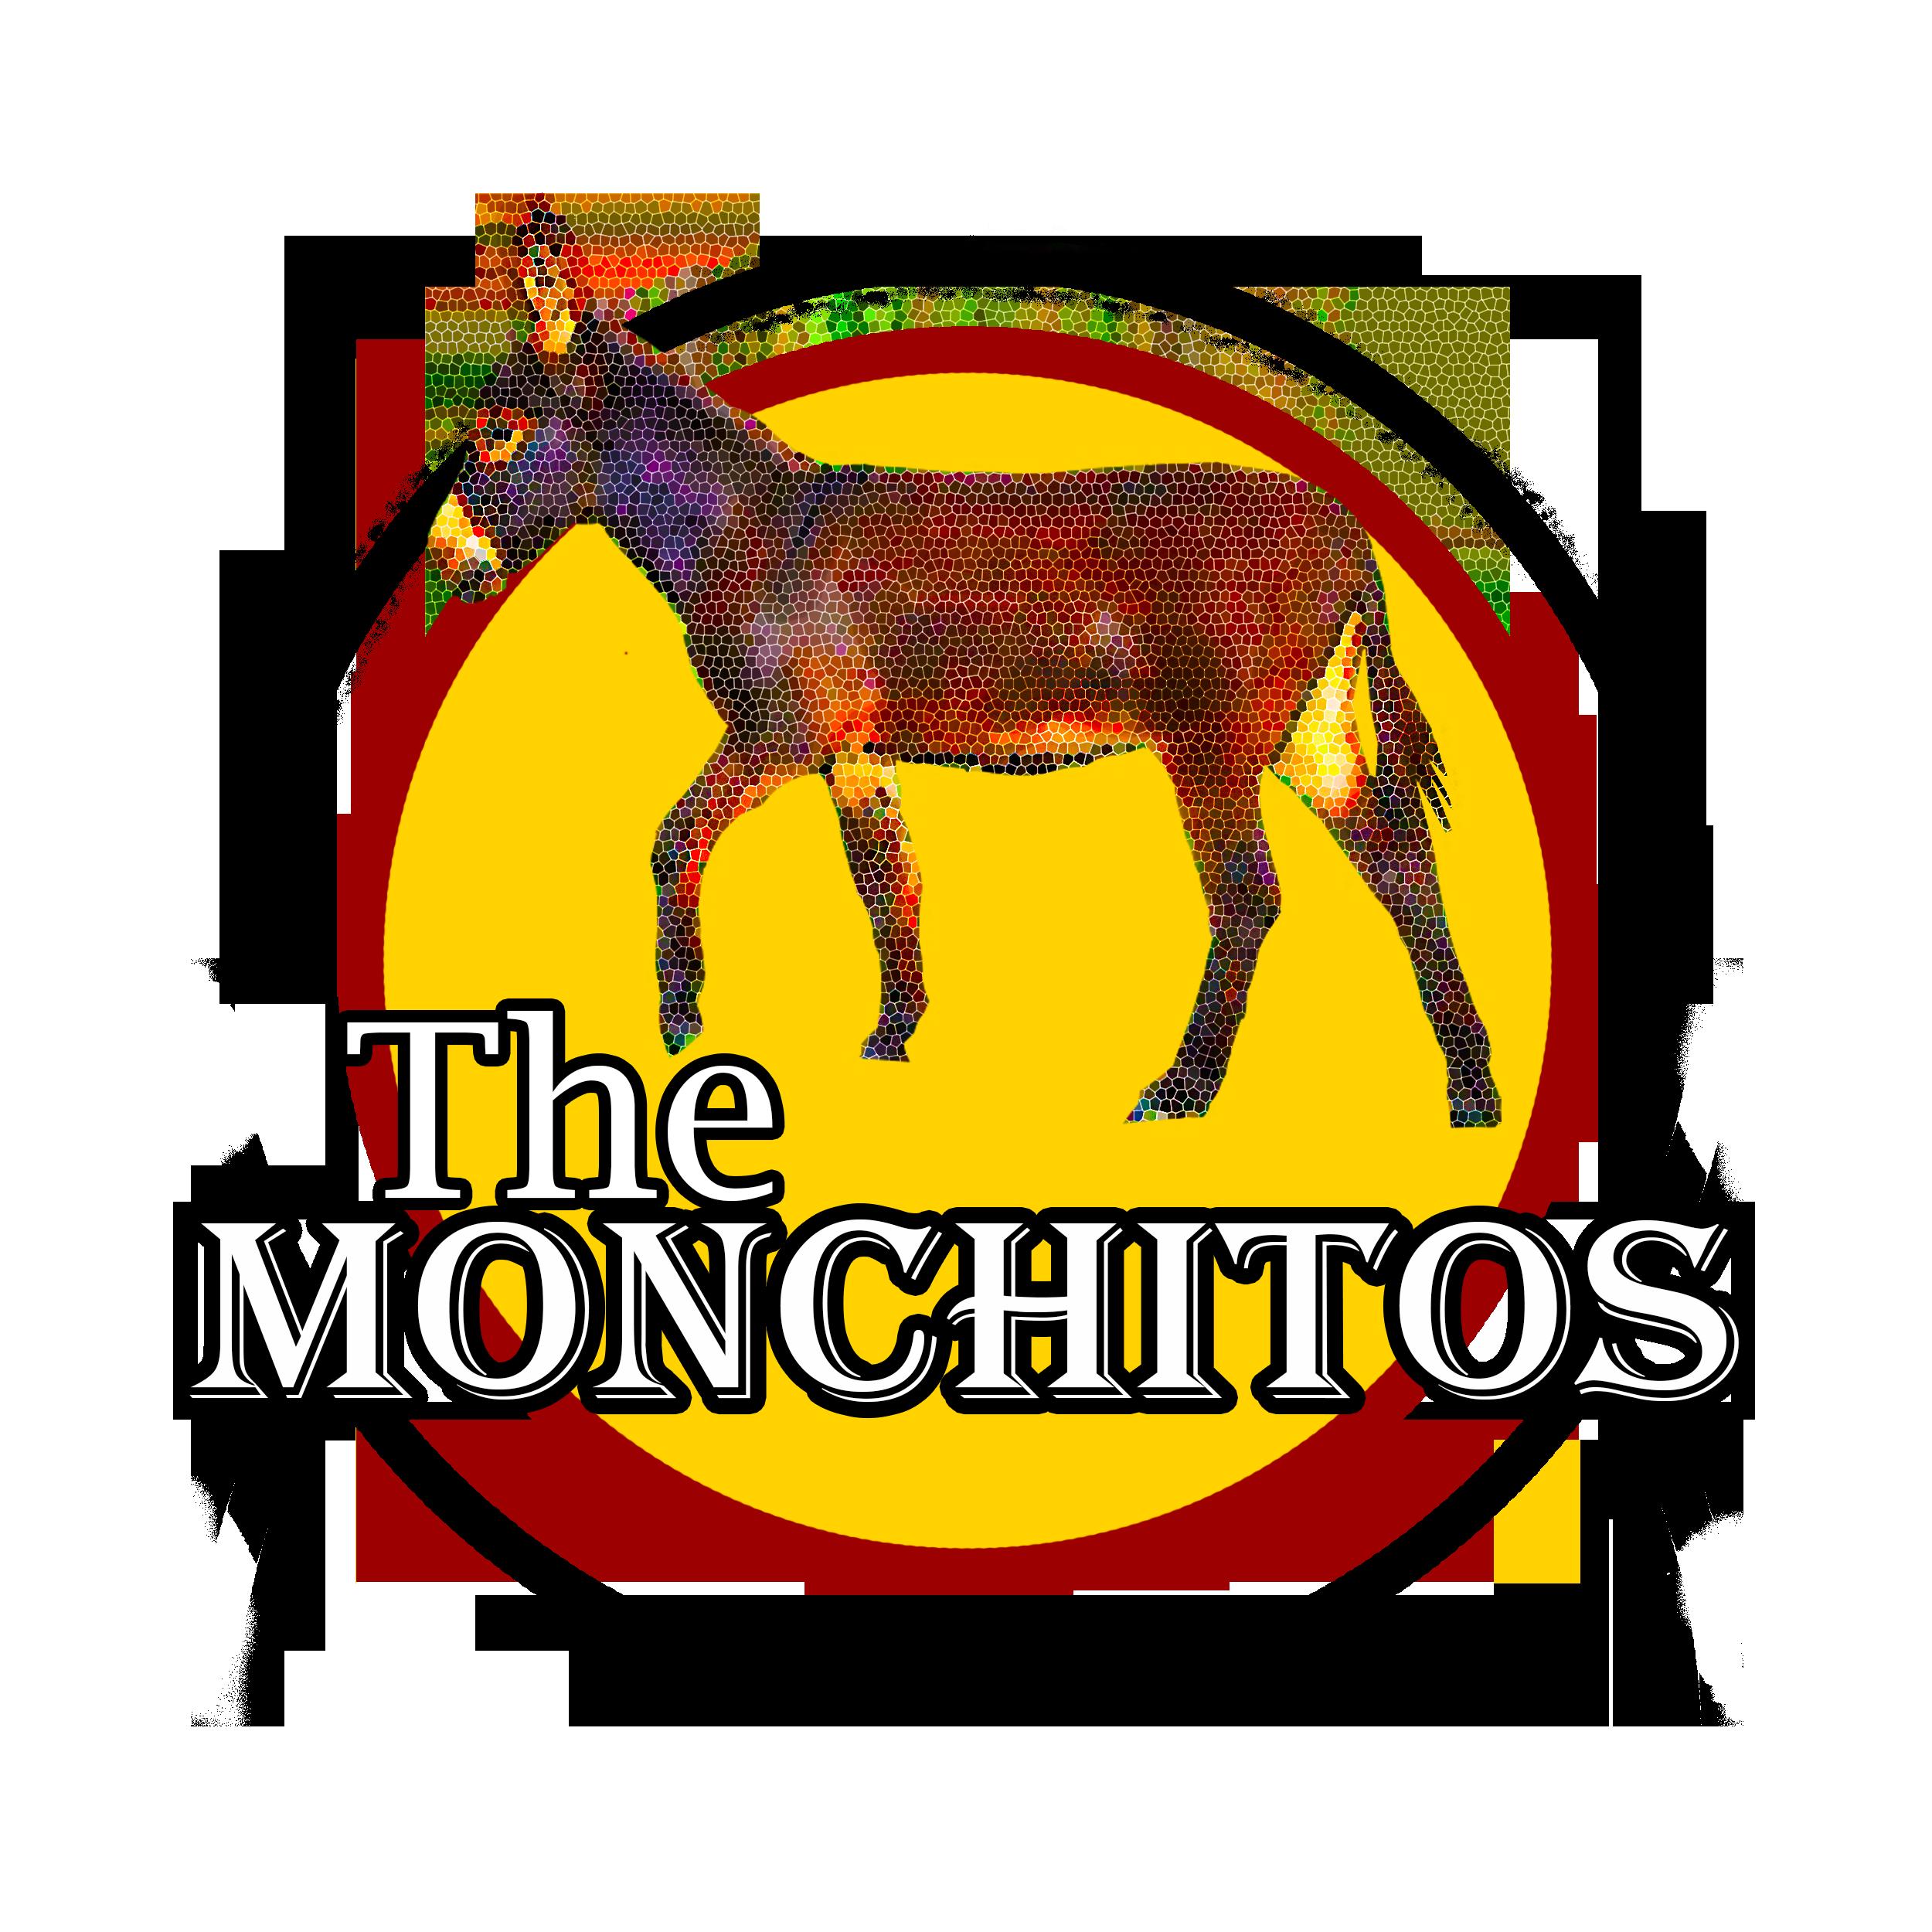 the monchitos